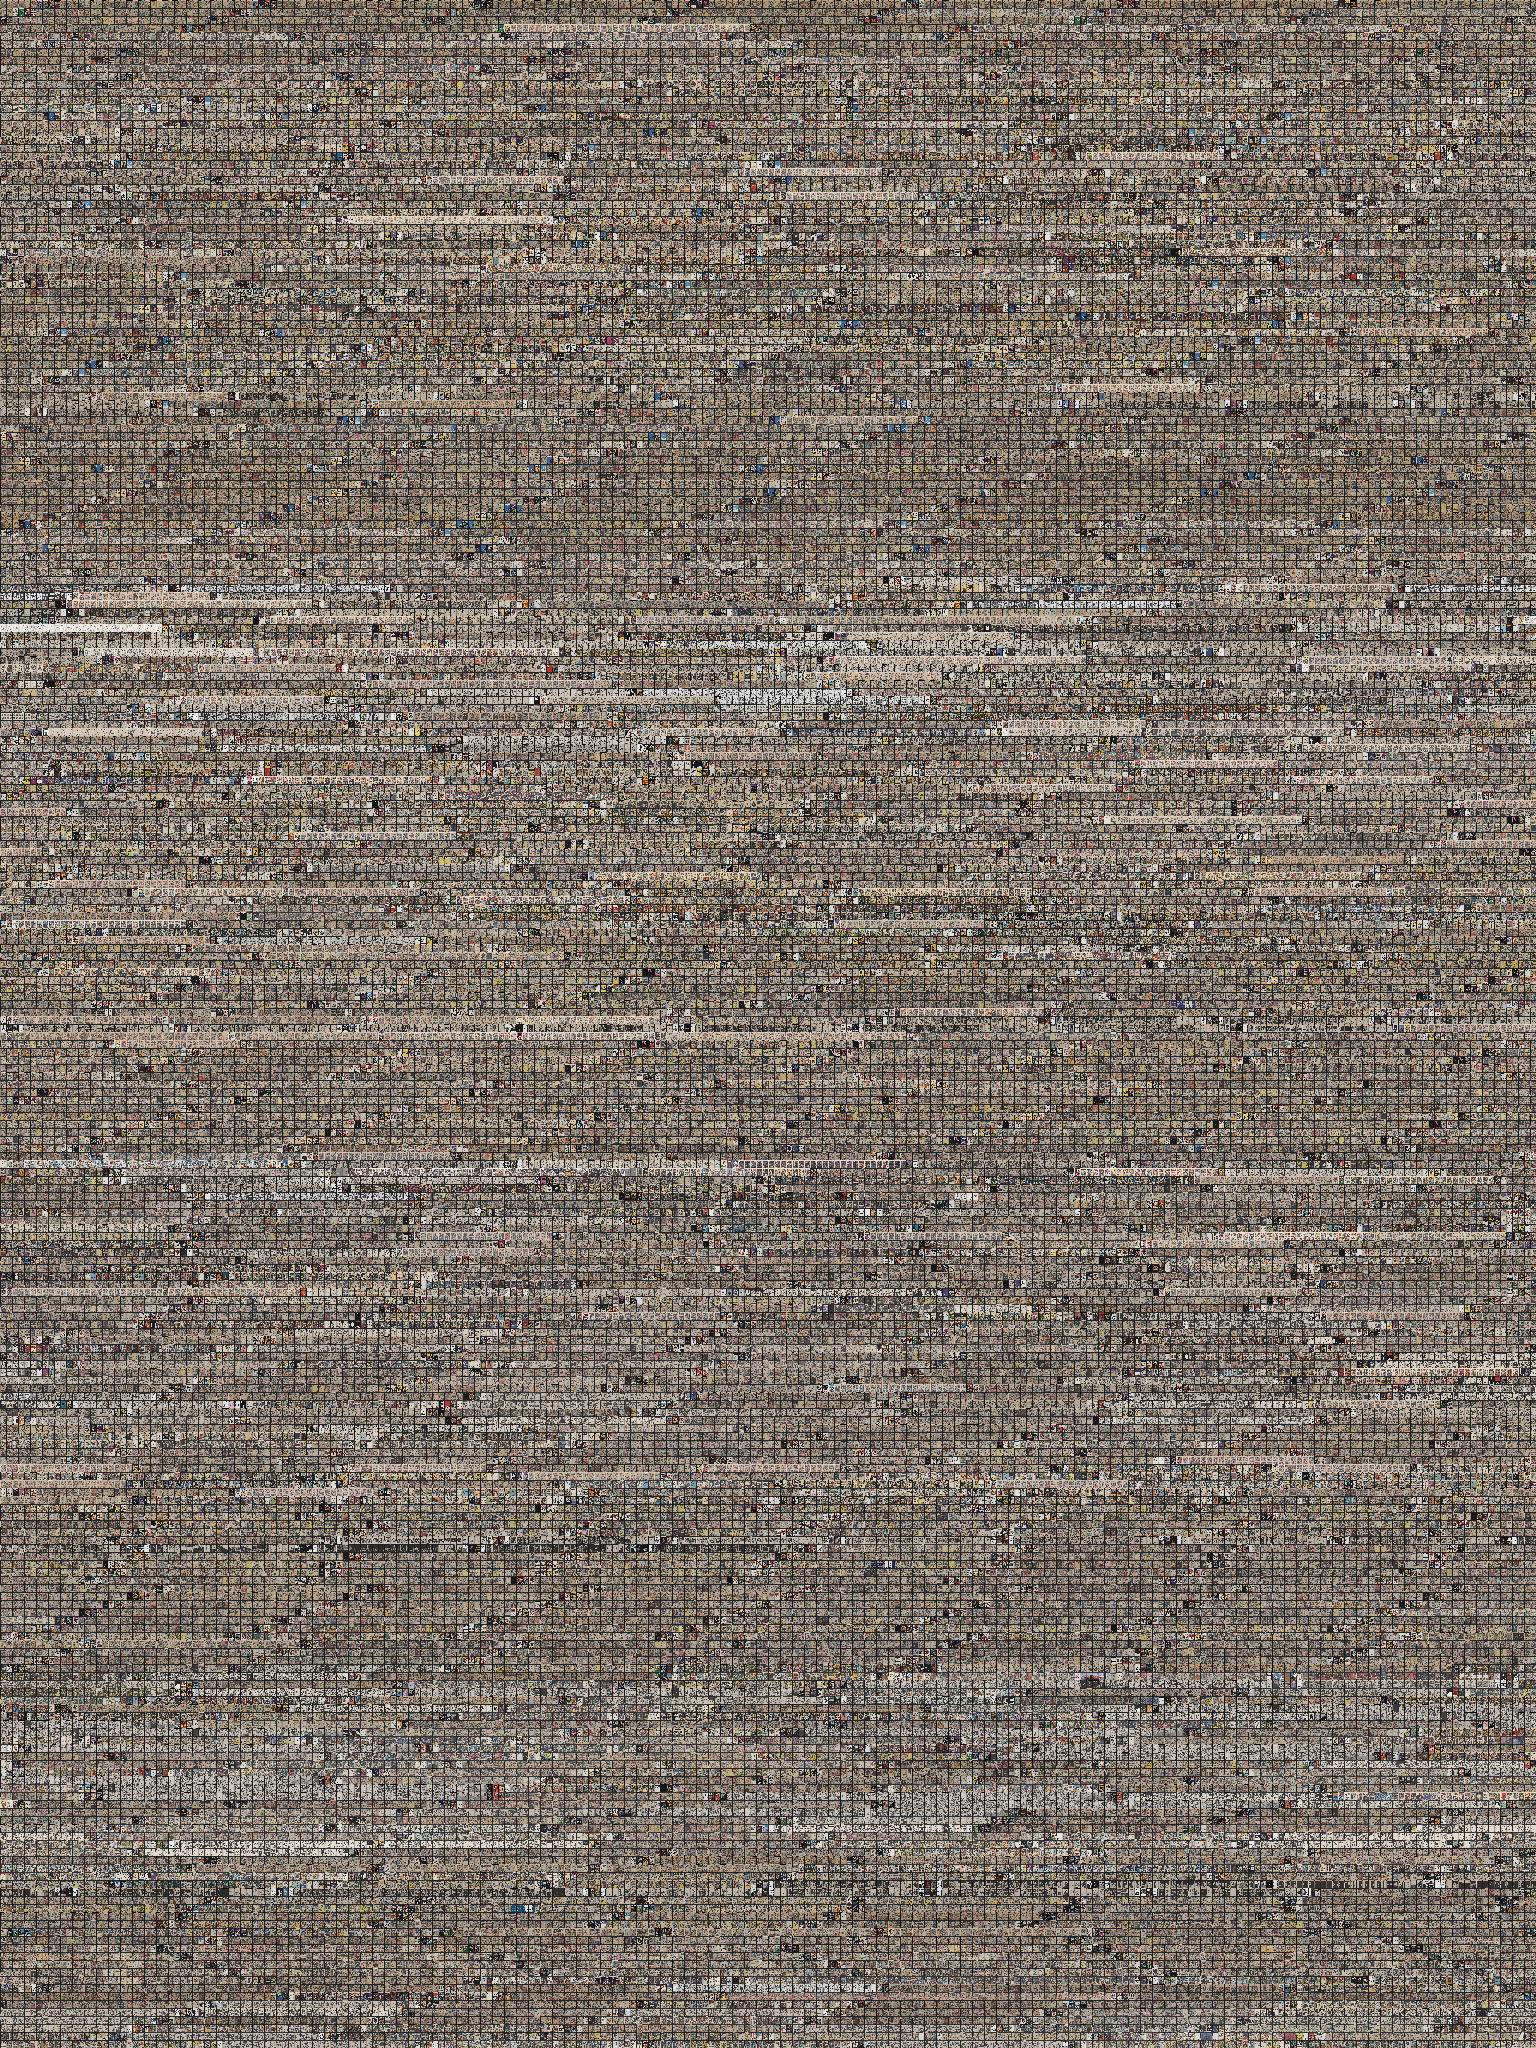 deviantart wallpaper 2048 x 1536 - photo #2